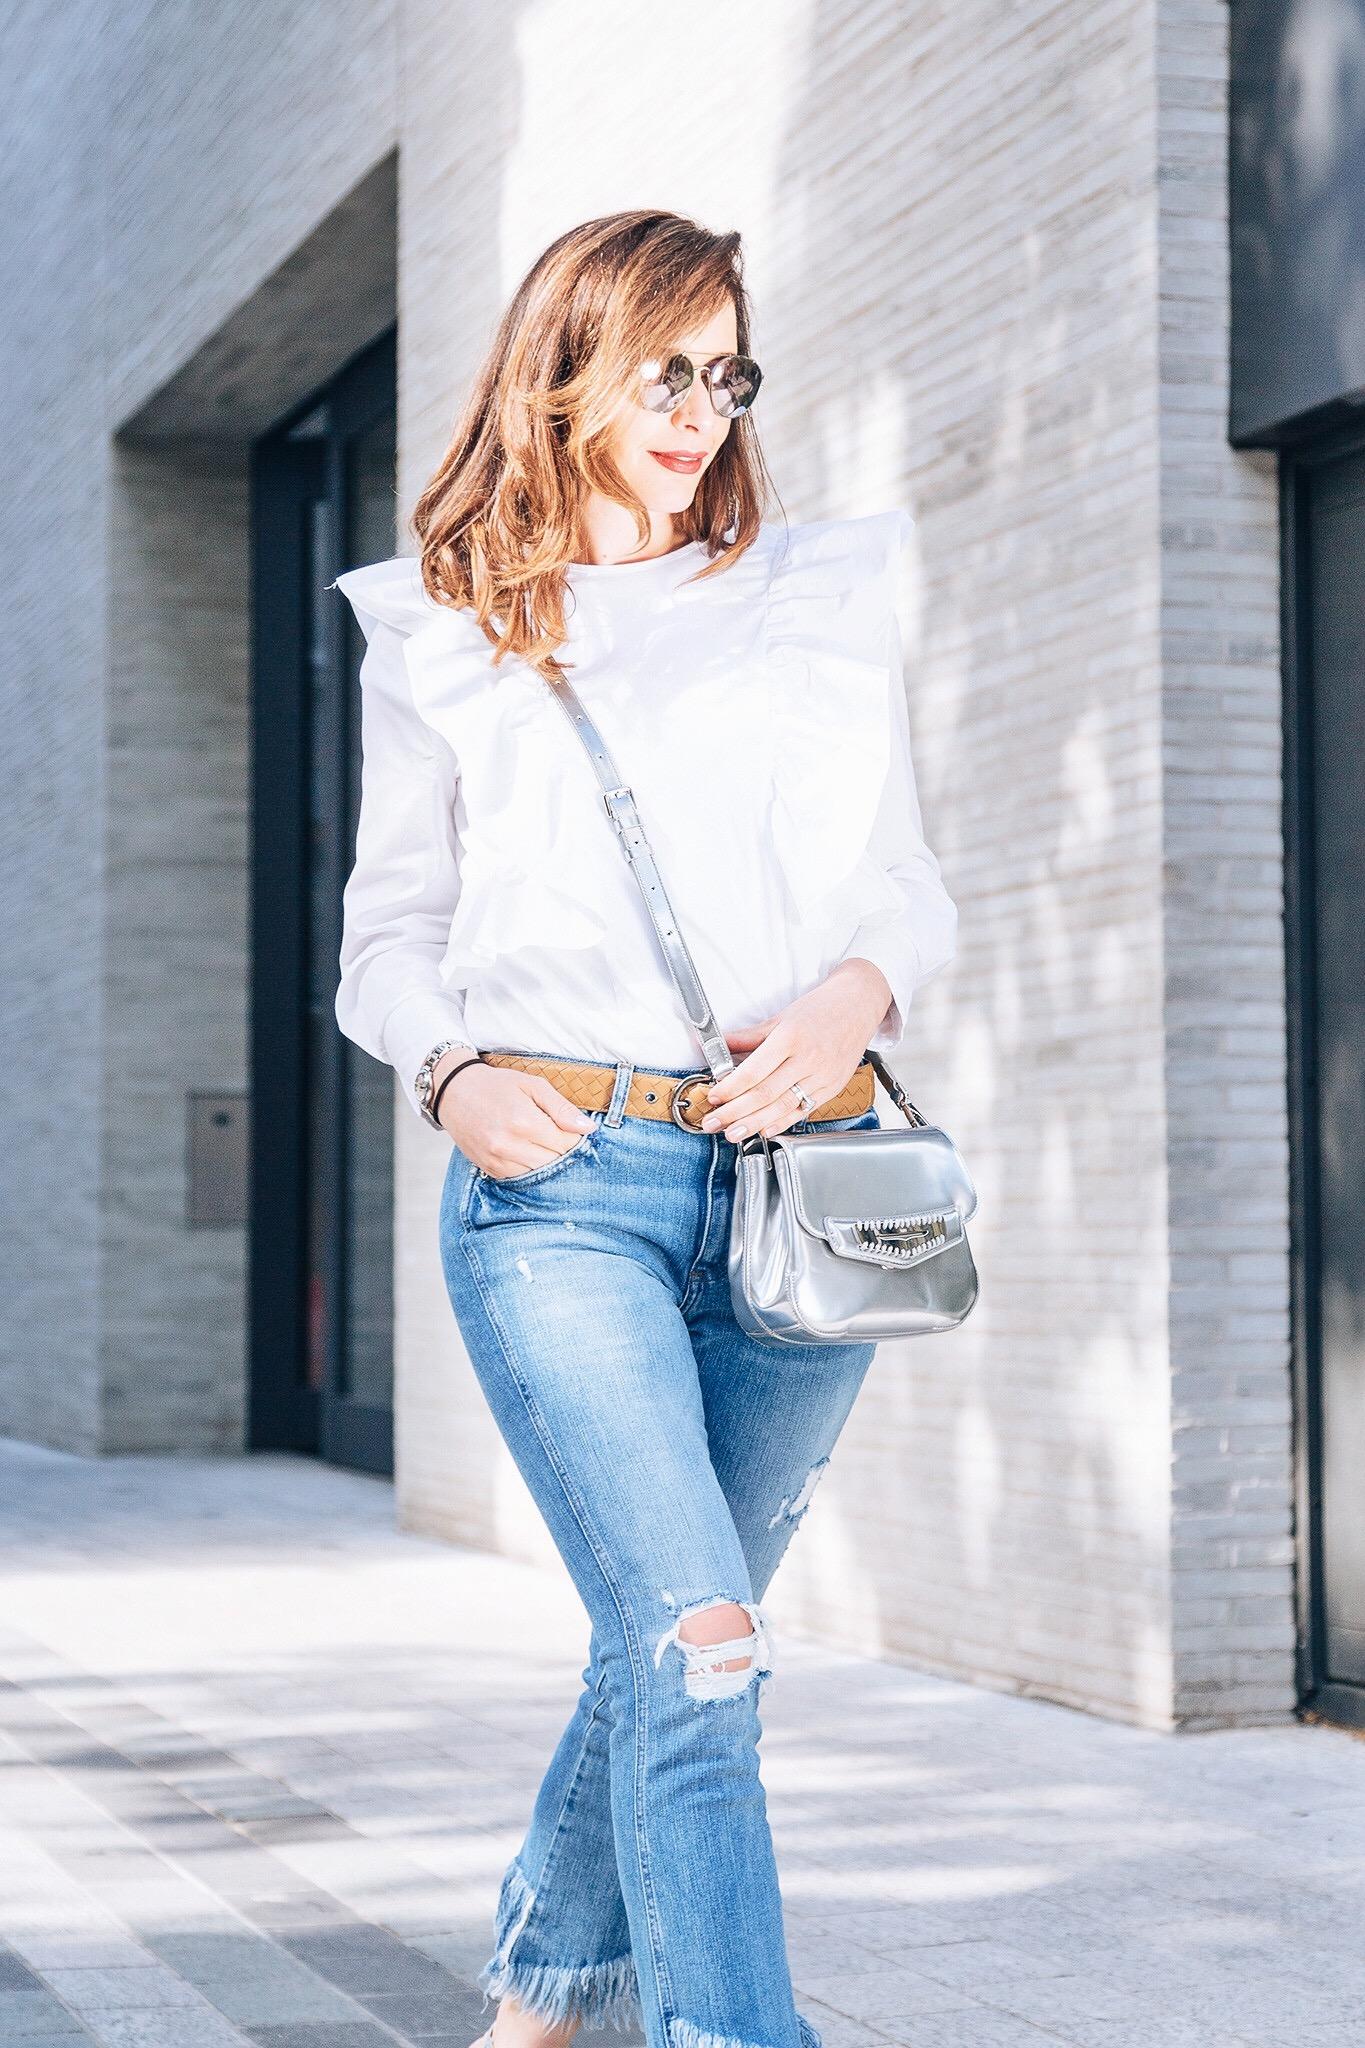 Silver Tods handbag